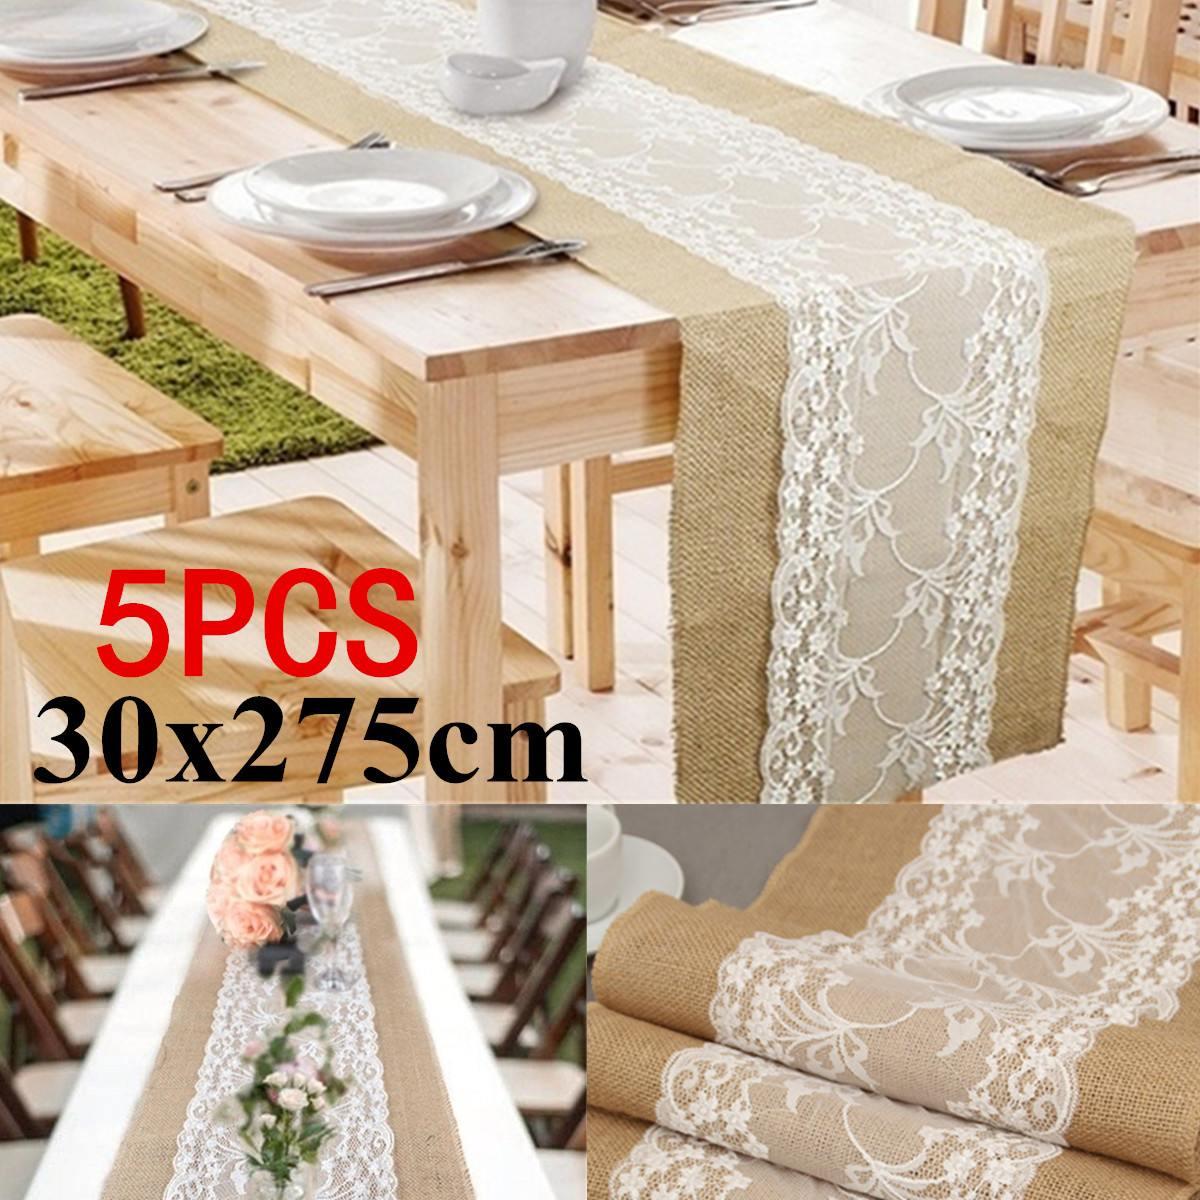 5 pièces 30 cm x 275 cm chemin de Table de mariage blanc dentelle chemin de Table Floral nappe Boho mariage Table décoration maison Textile